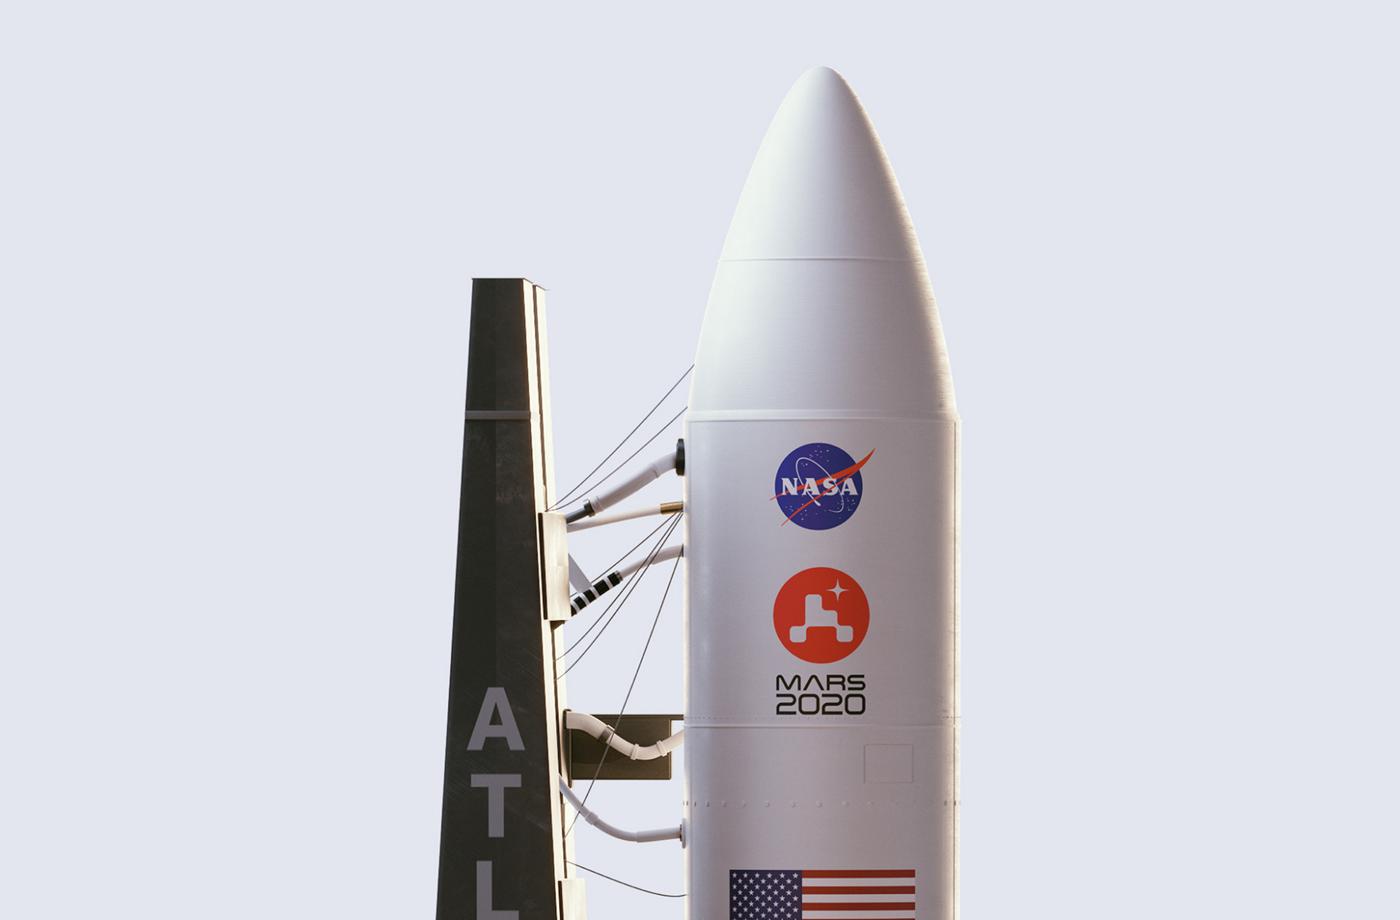 火星2020毅力号邀请知名品牌设计公司的创意团队全新设计品牌logo设计和品牌形象设计